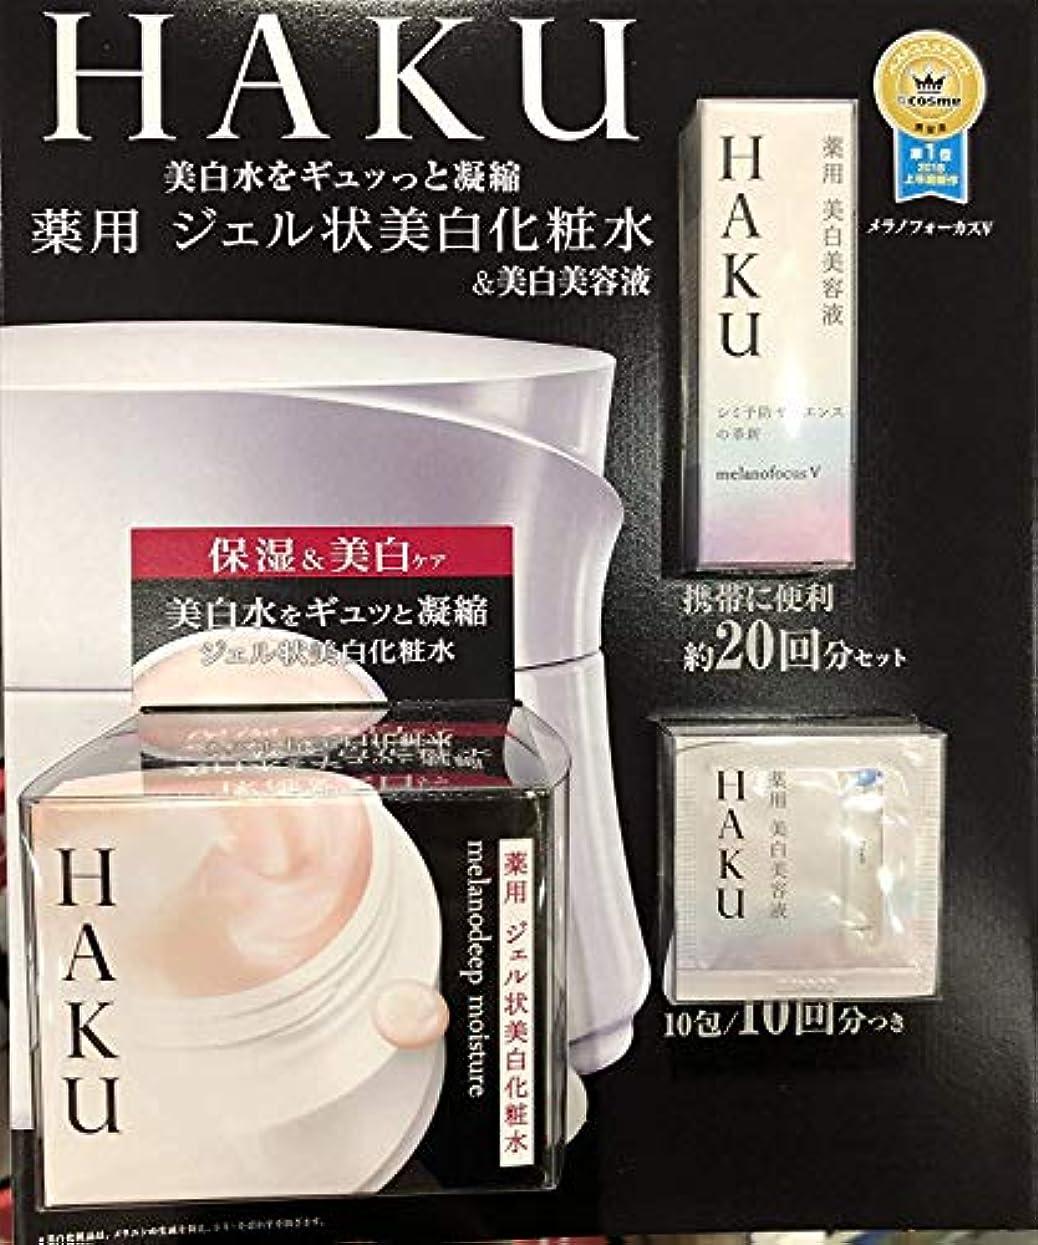 ご近所ジムキャンディー資生堂 HAKU 美白セット 薬用 ジェル状美白化粧水&薬用美白乳液セット